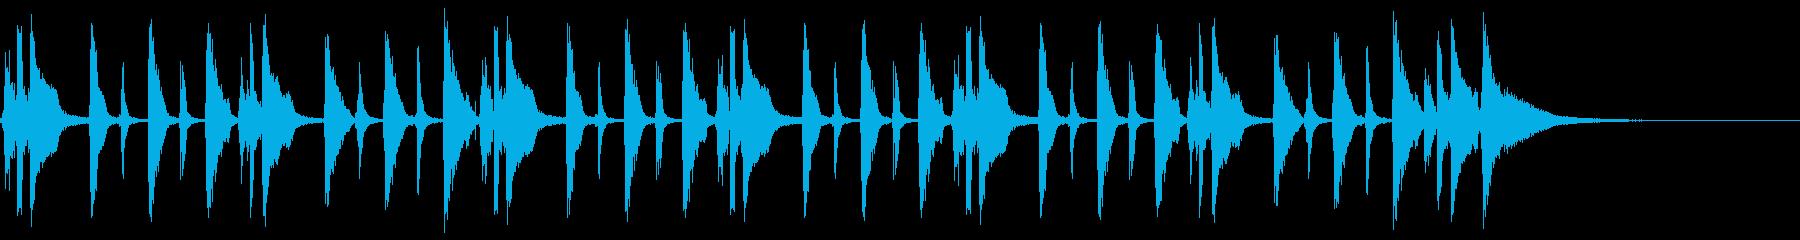 バンジョー:クイックリズムストラミ...の再生済みの波形